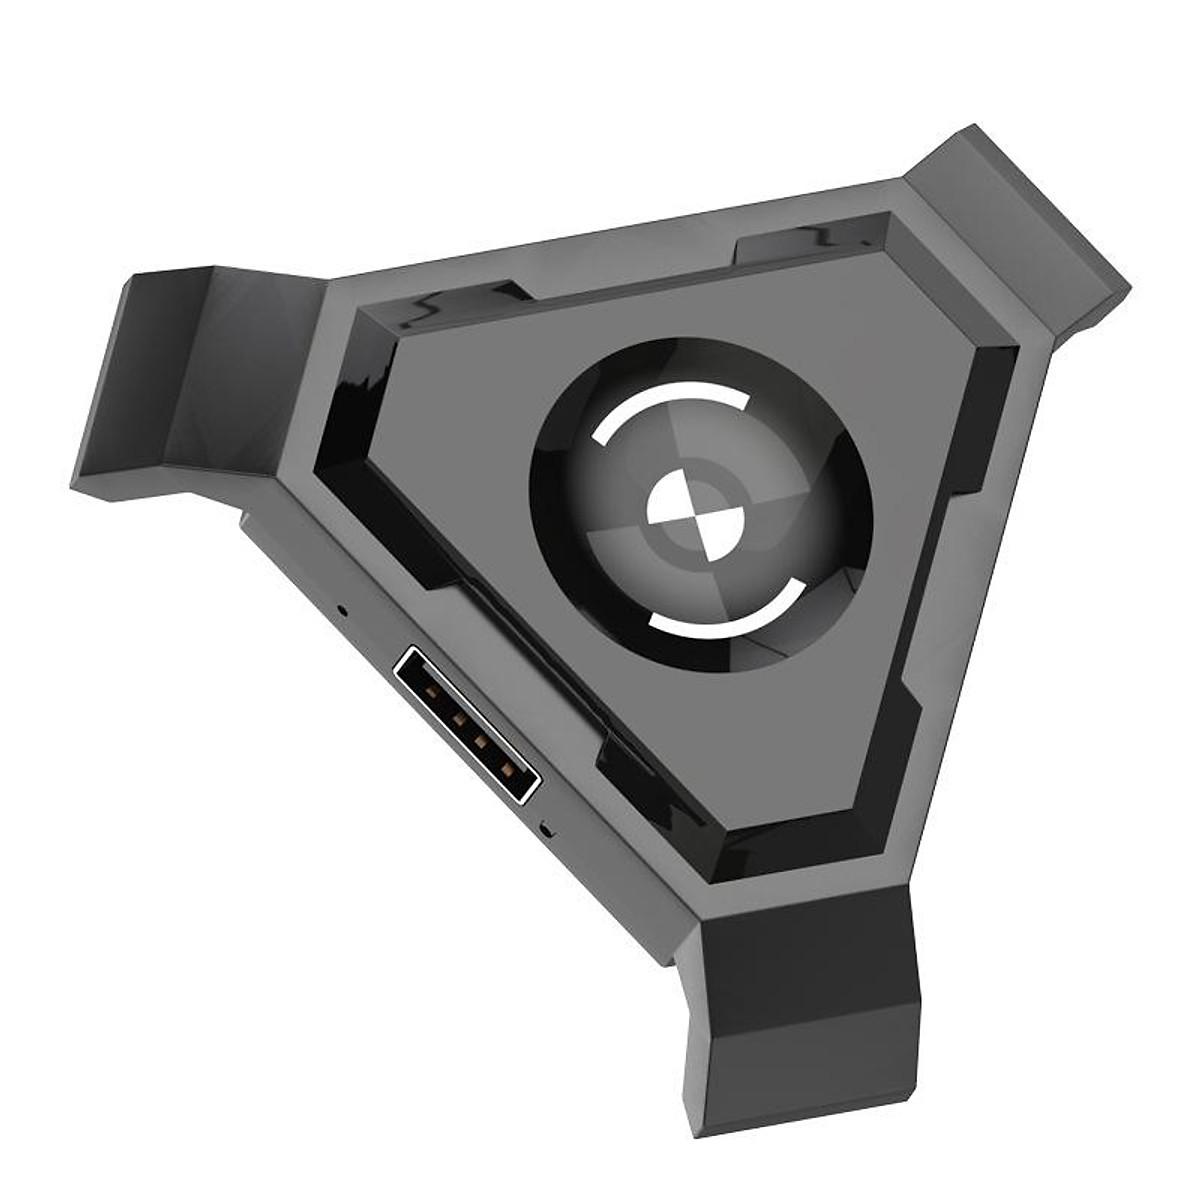 VINETTEAM Bộ Điều Khiển Bàn Phím Chuột Chuyển Đổi Di Động Tay Cầm Chơi Game PUBG cho Điện Thoại IOS, Android,PC Bluetooth Adapter- Hàng Nhập Khẩu